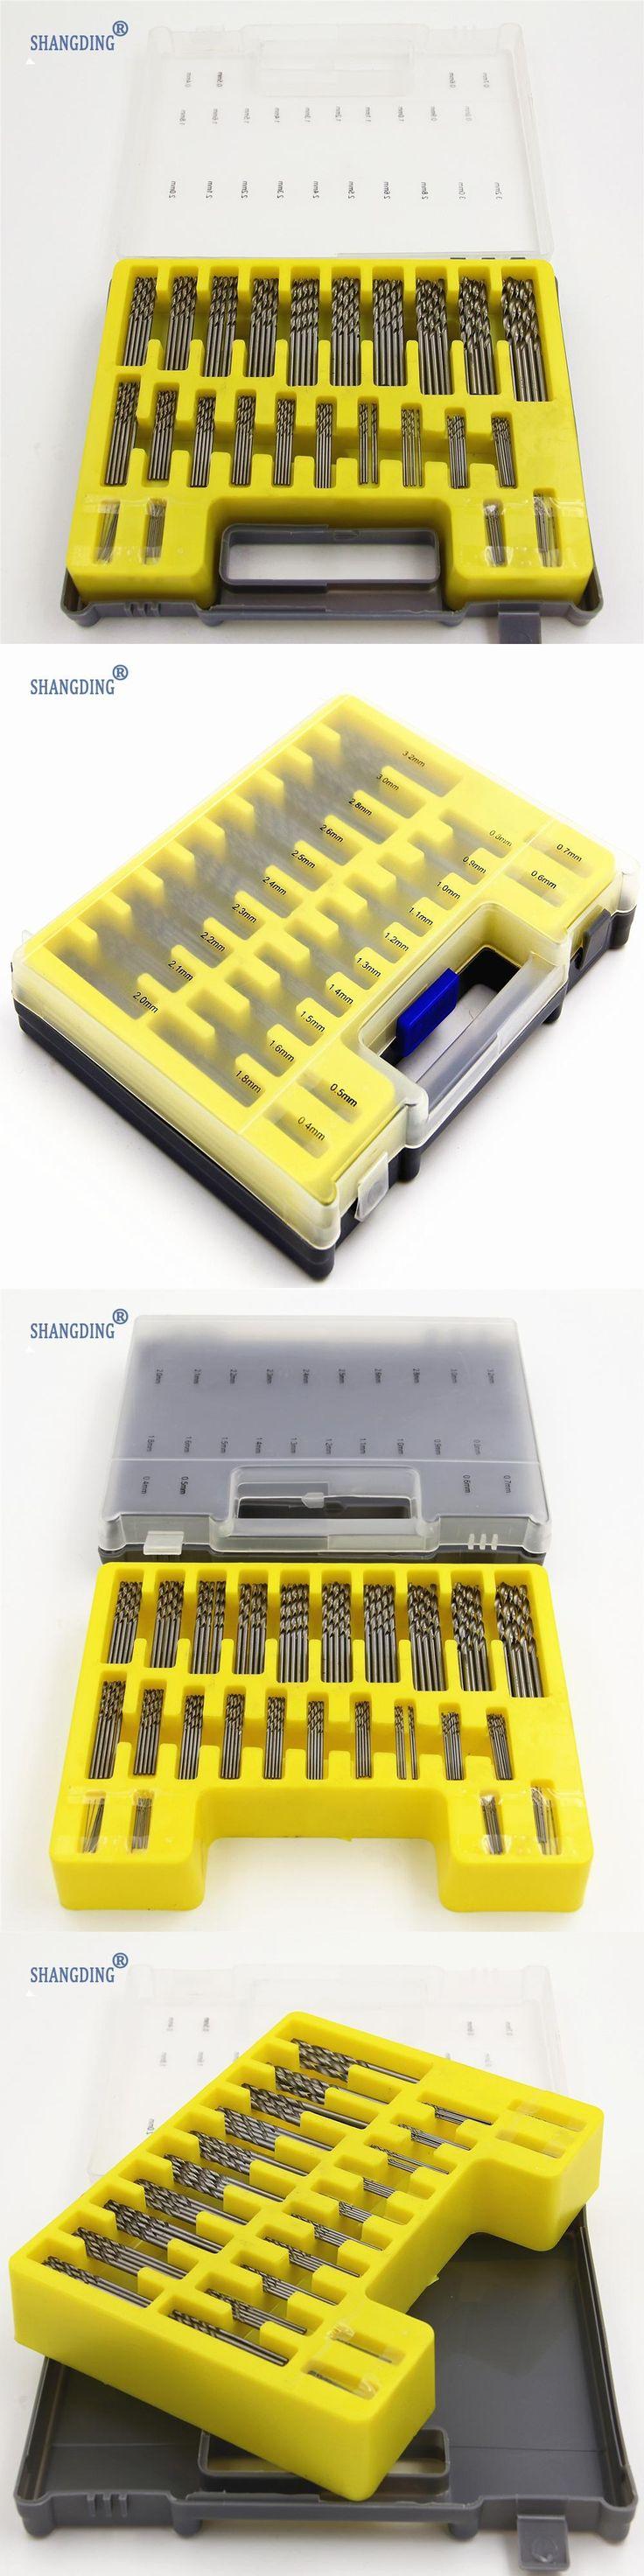 NEW High quality 0.4mm-3.2mm 150Pcs set  Mini twist drill Bit Kit HSS Micro Precision Twist Drill with Carry Case Drilling Tool